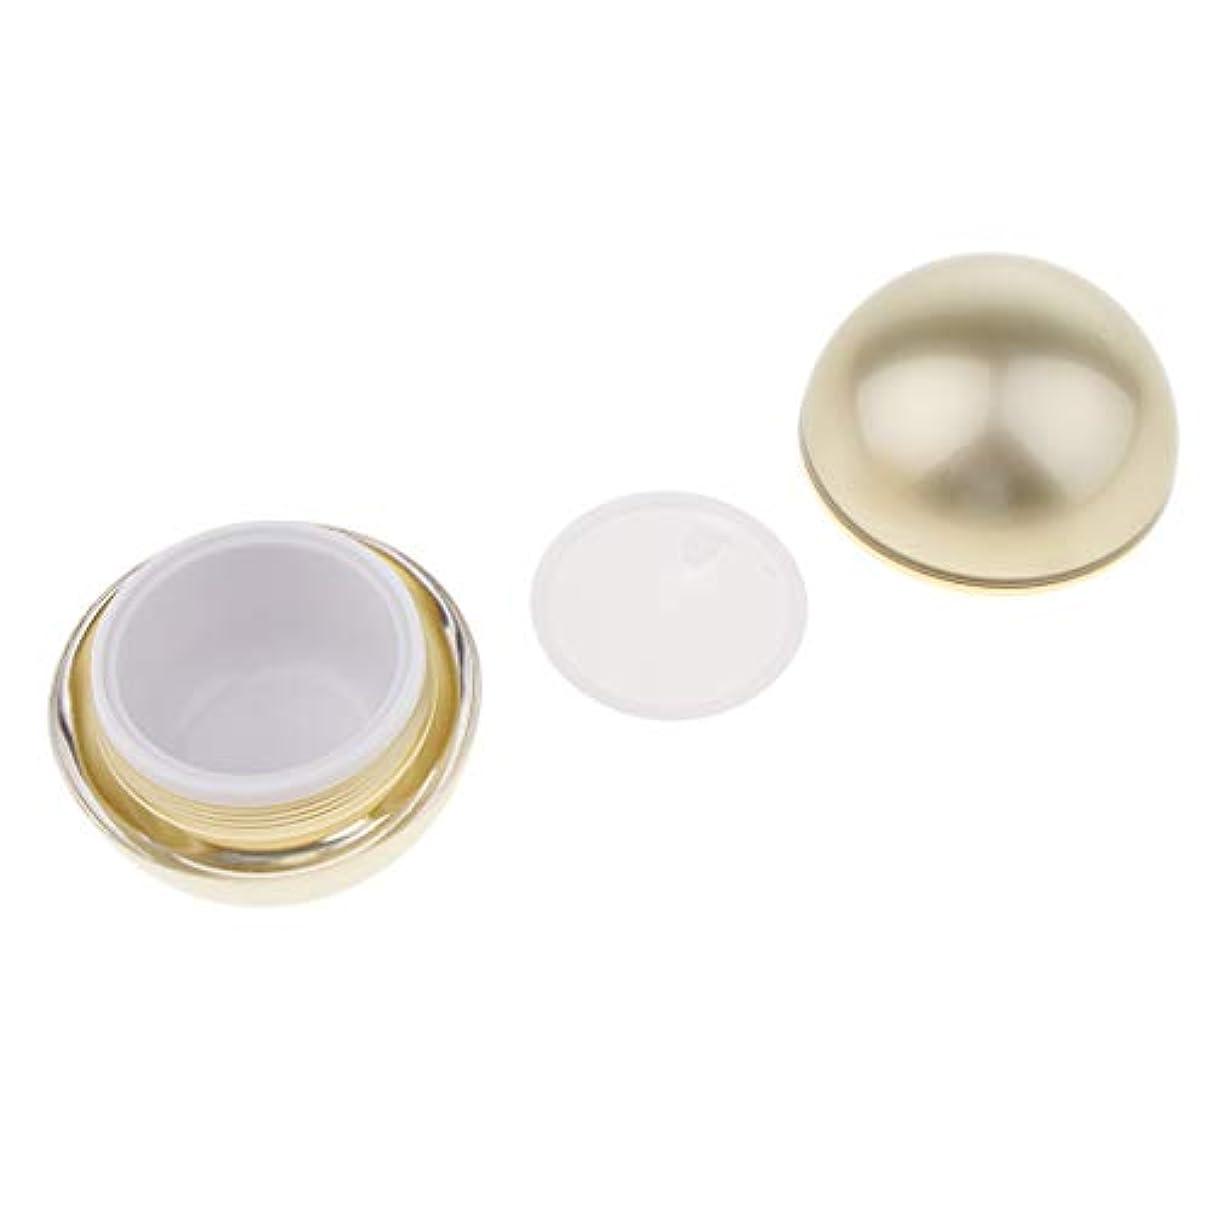 Toygogo 化粧品 容器 クリーム容器 ボール型 空ポット 化粧ジャー 詰め替え式 3サイズ選べ - 50g